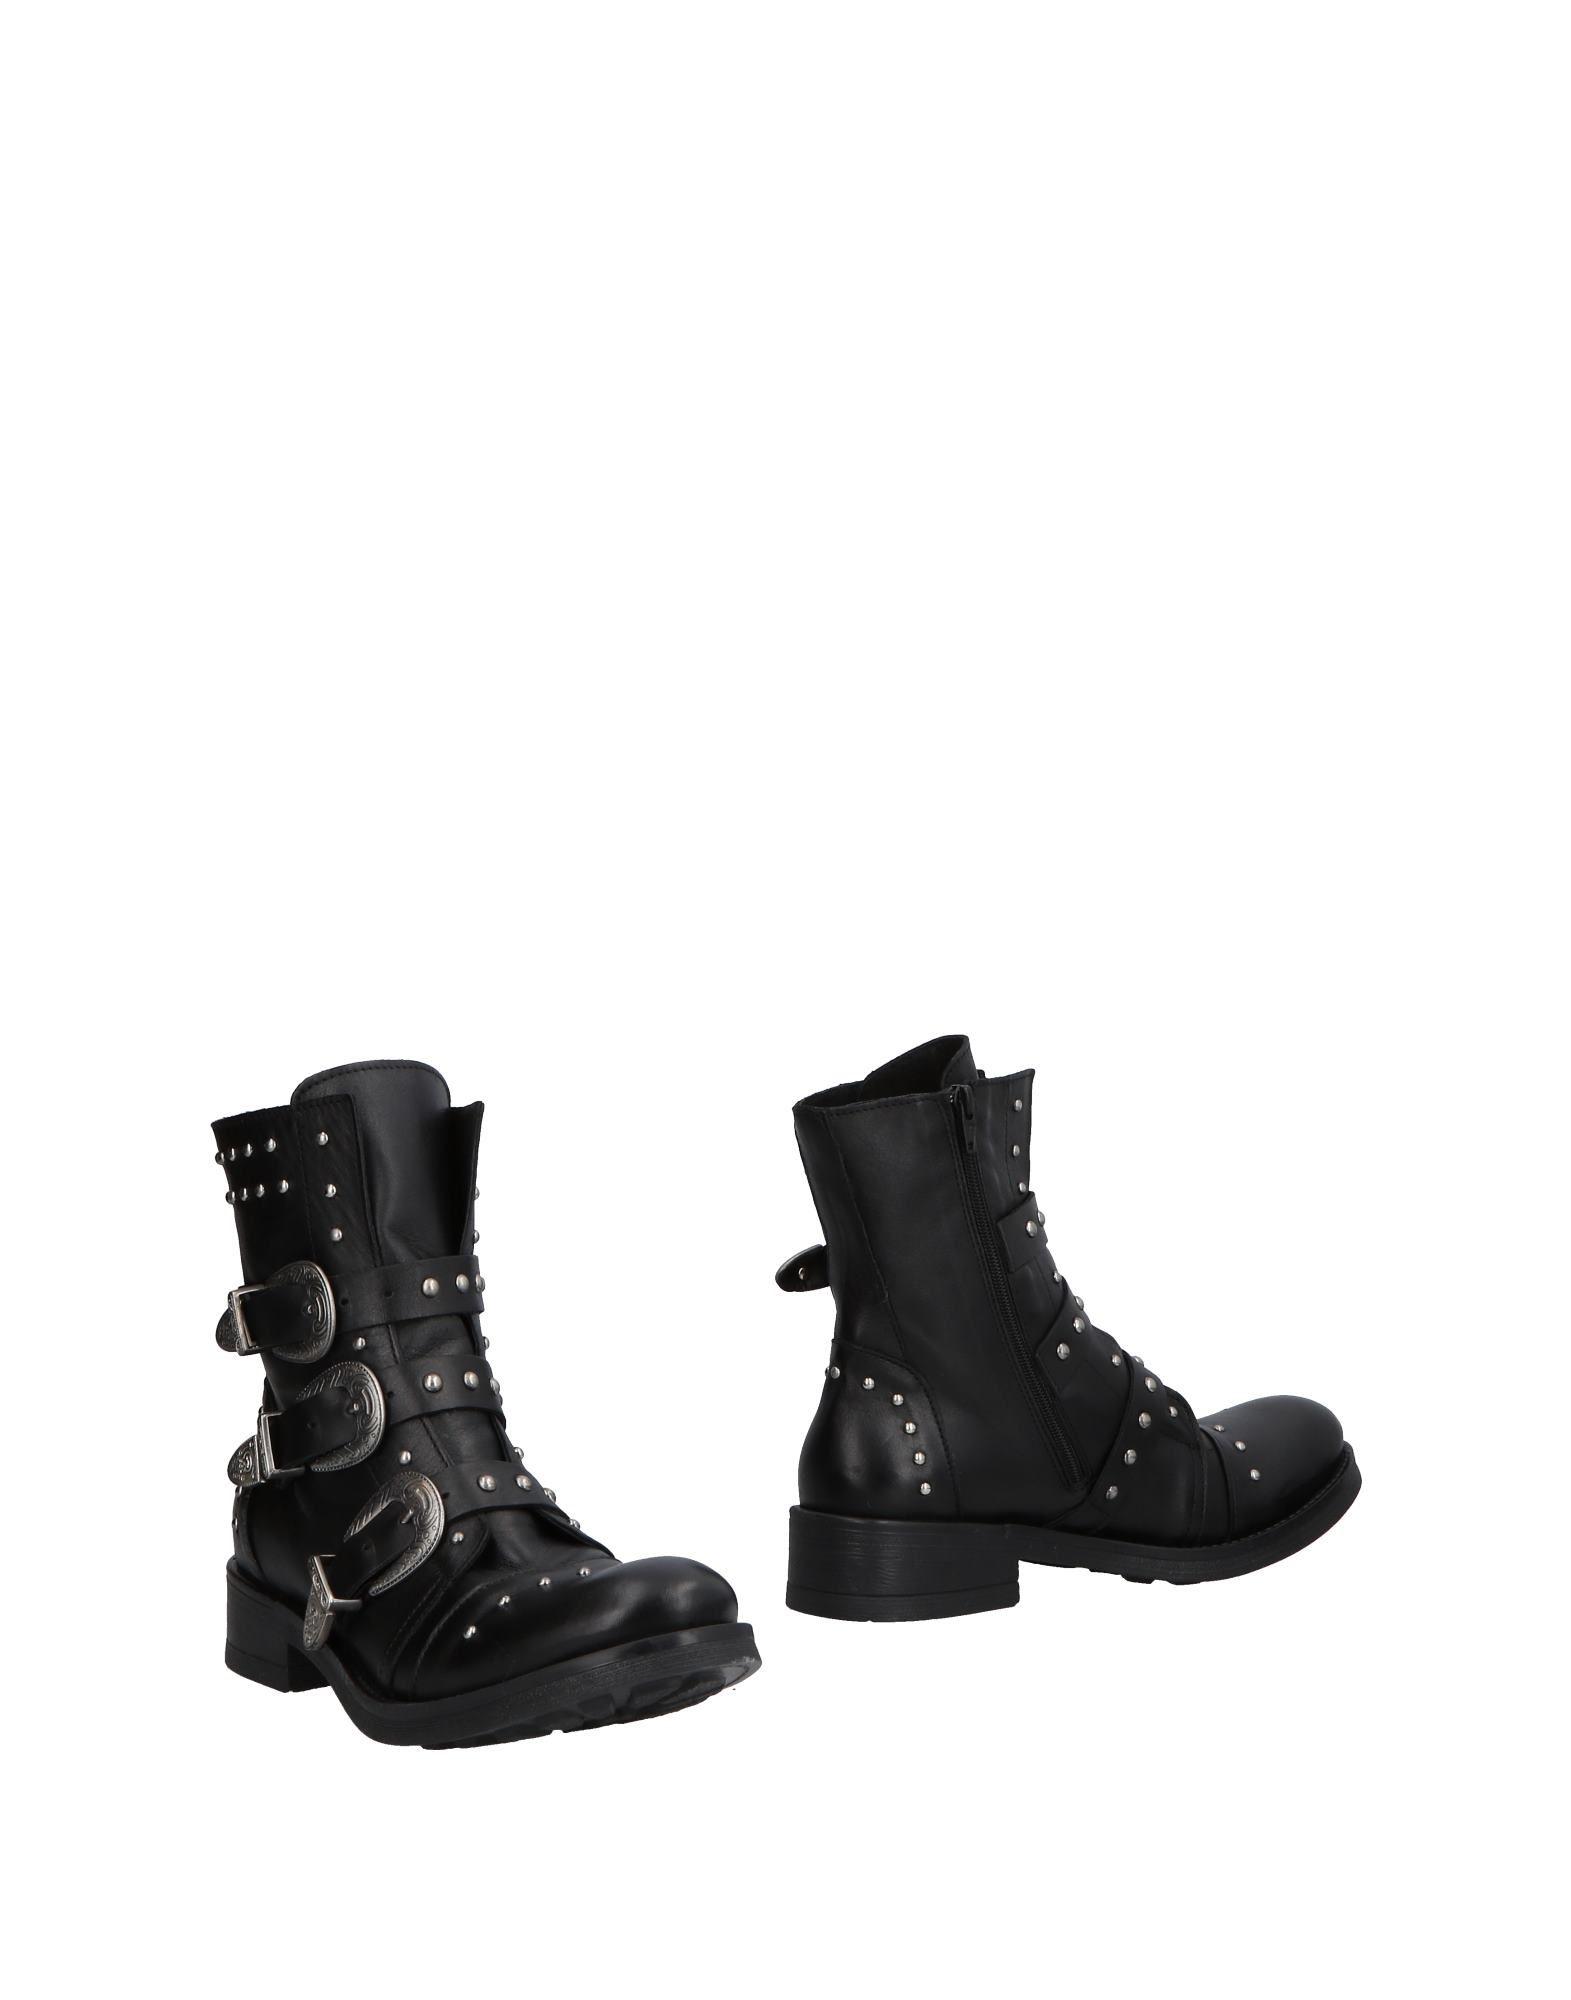 Paola Firenze Stiefelette Damen beliebte  11501102XA Gute Qualität beliebte Damen Schuhe 8bd19a